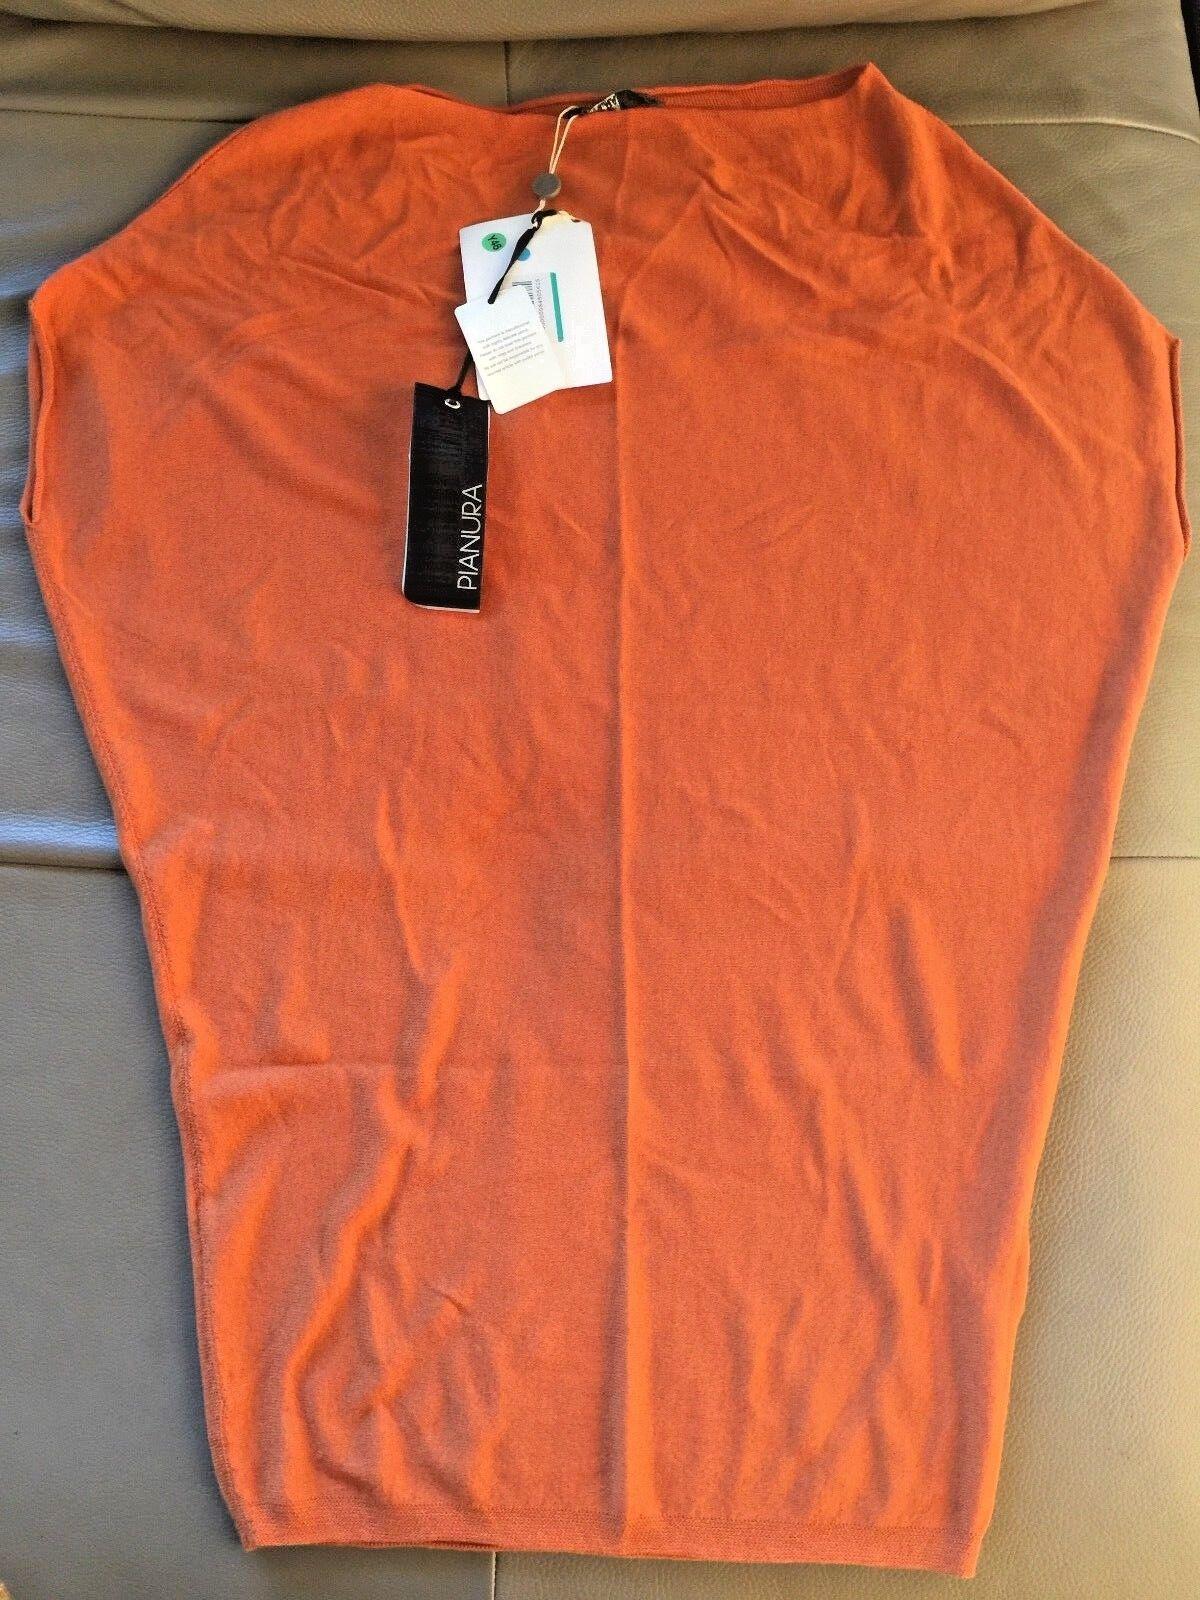 Wool mix Orange sack DRESS PIANURASTUDIO new with tags stretchy S